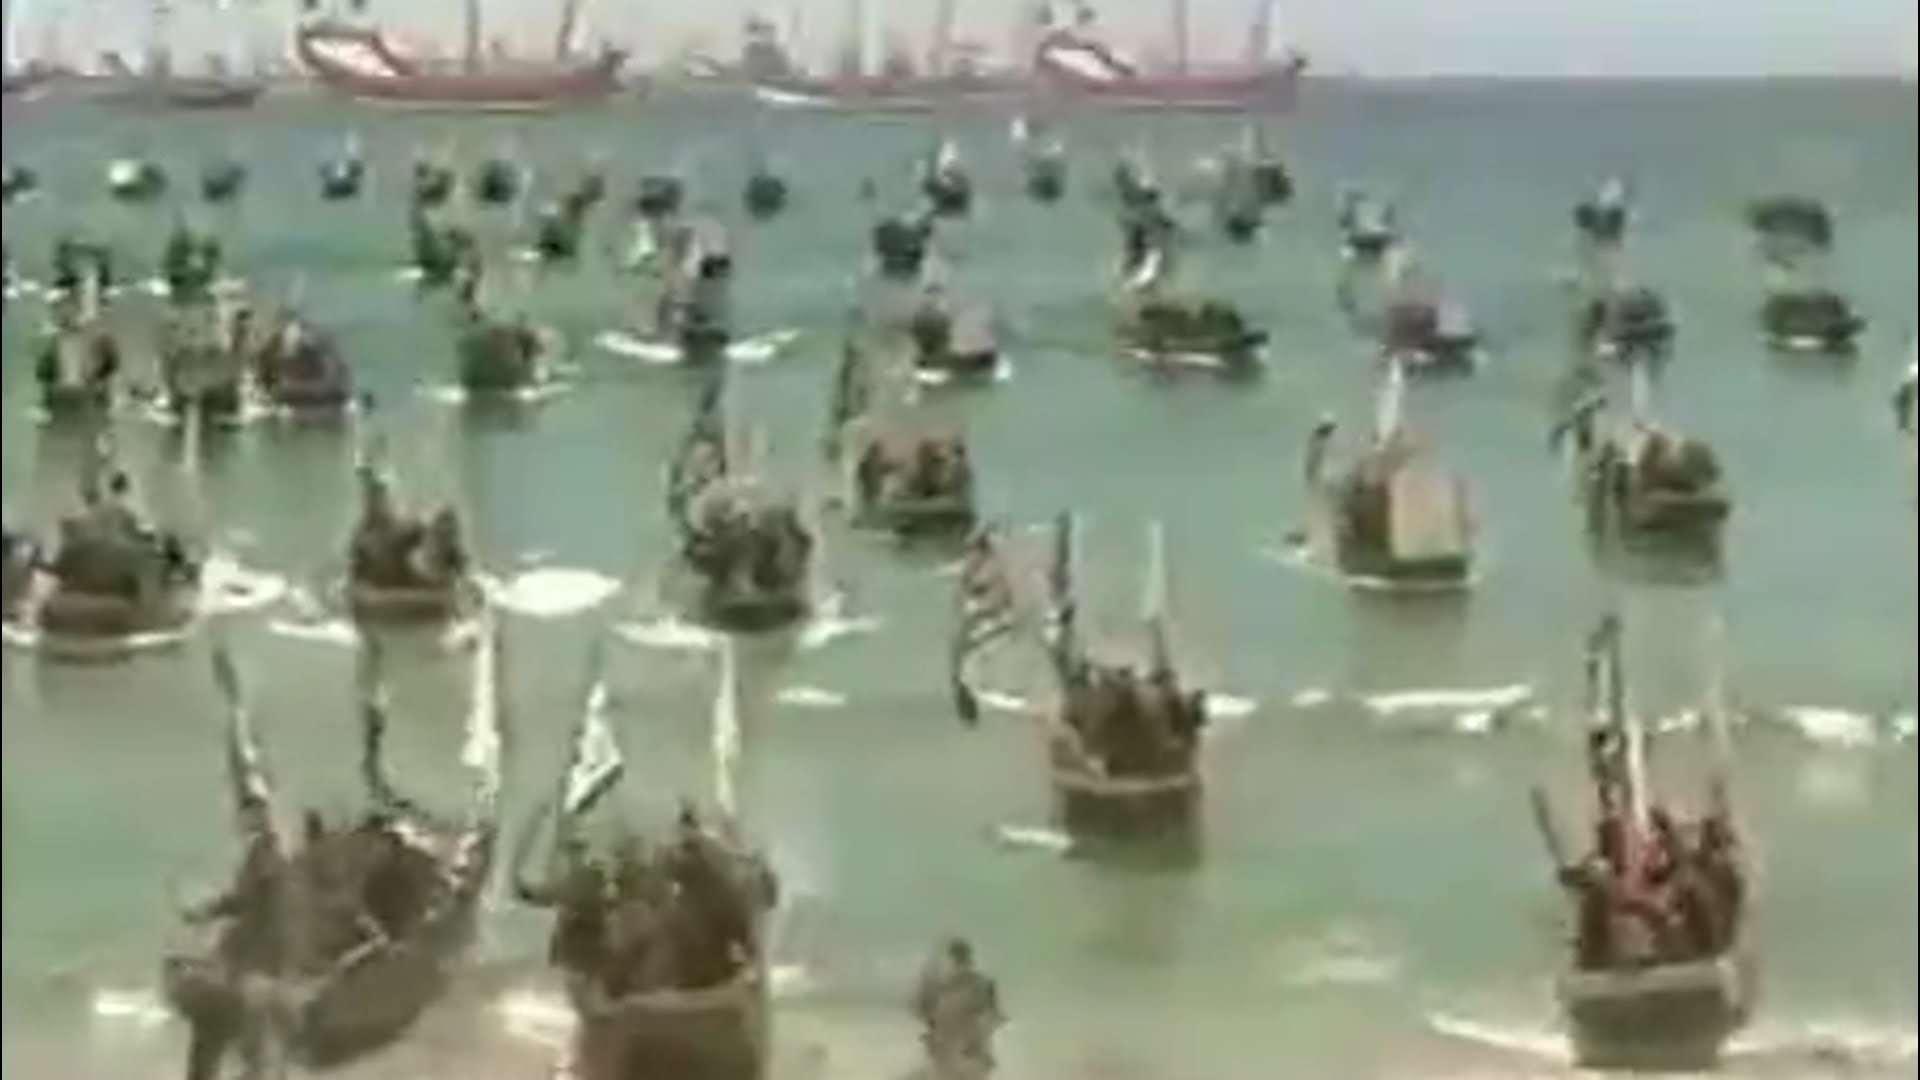 【海外の反応】 元寇 「鎌倉幕府は見事だった!」  日本の存亡を賭けた戦いを外国人が分析 - YouTube